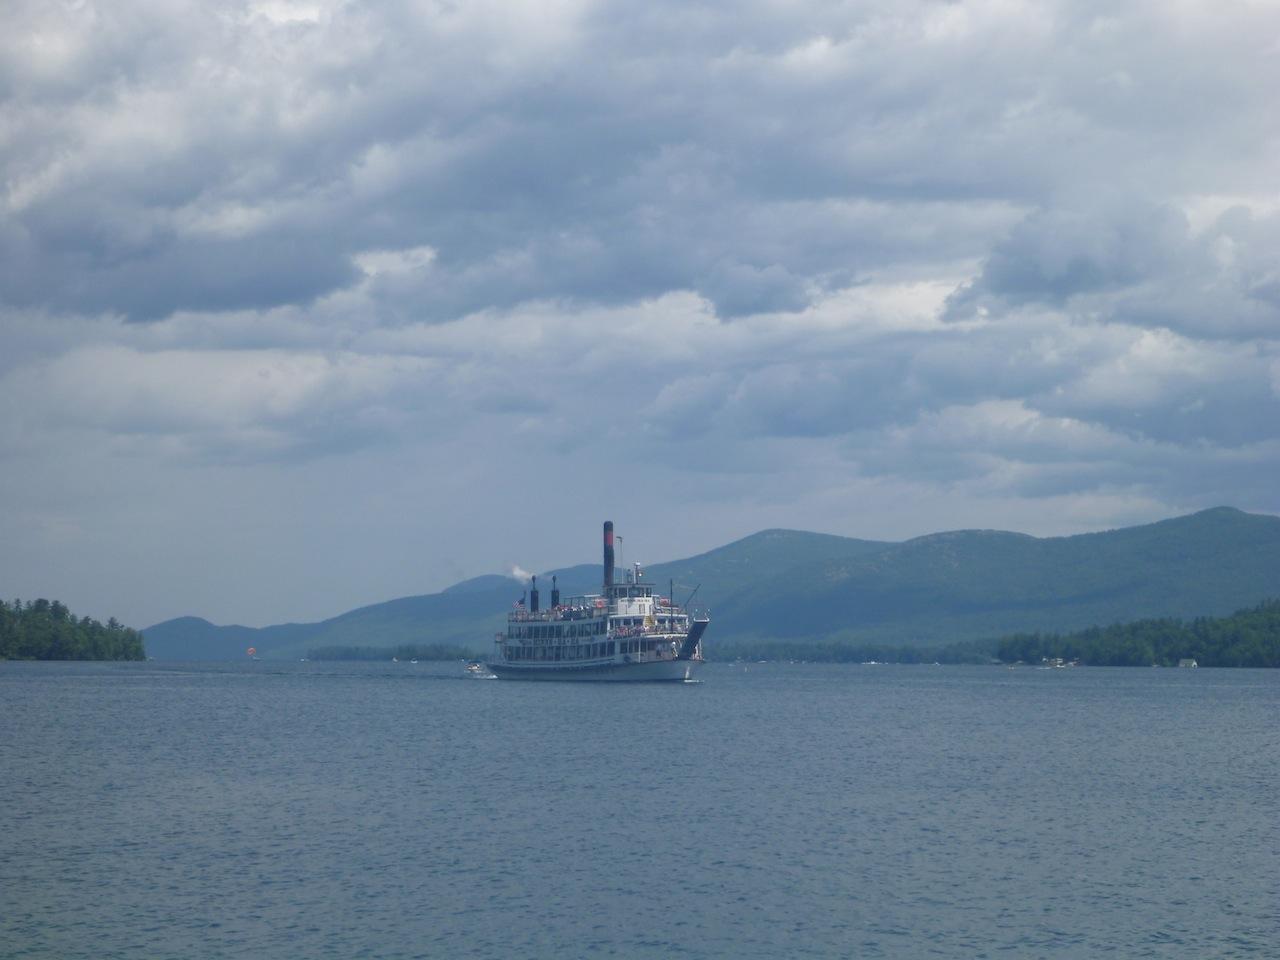 Minnie Ha Ha Steam Boat On Lake George